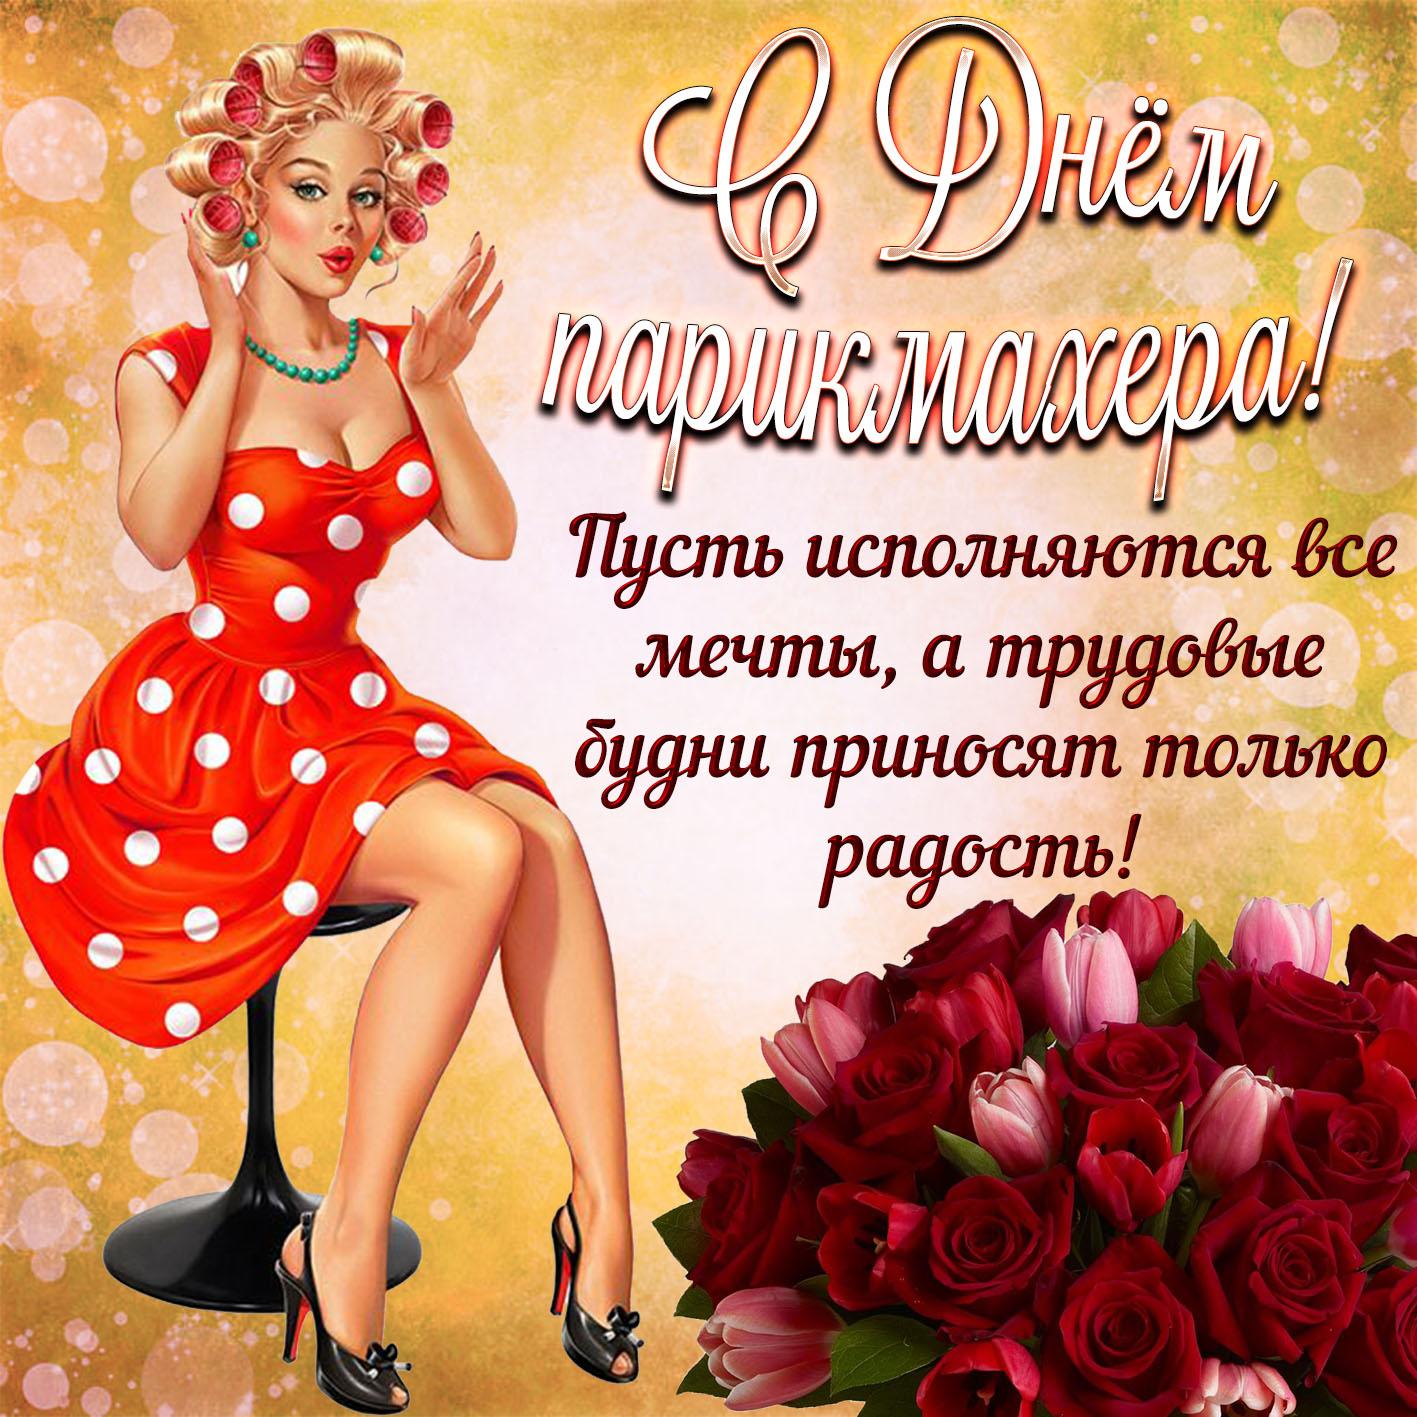 волков поздравления смешные в женский праздник первого корпуса